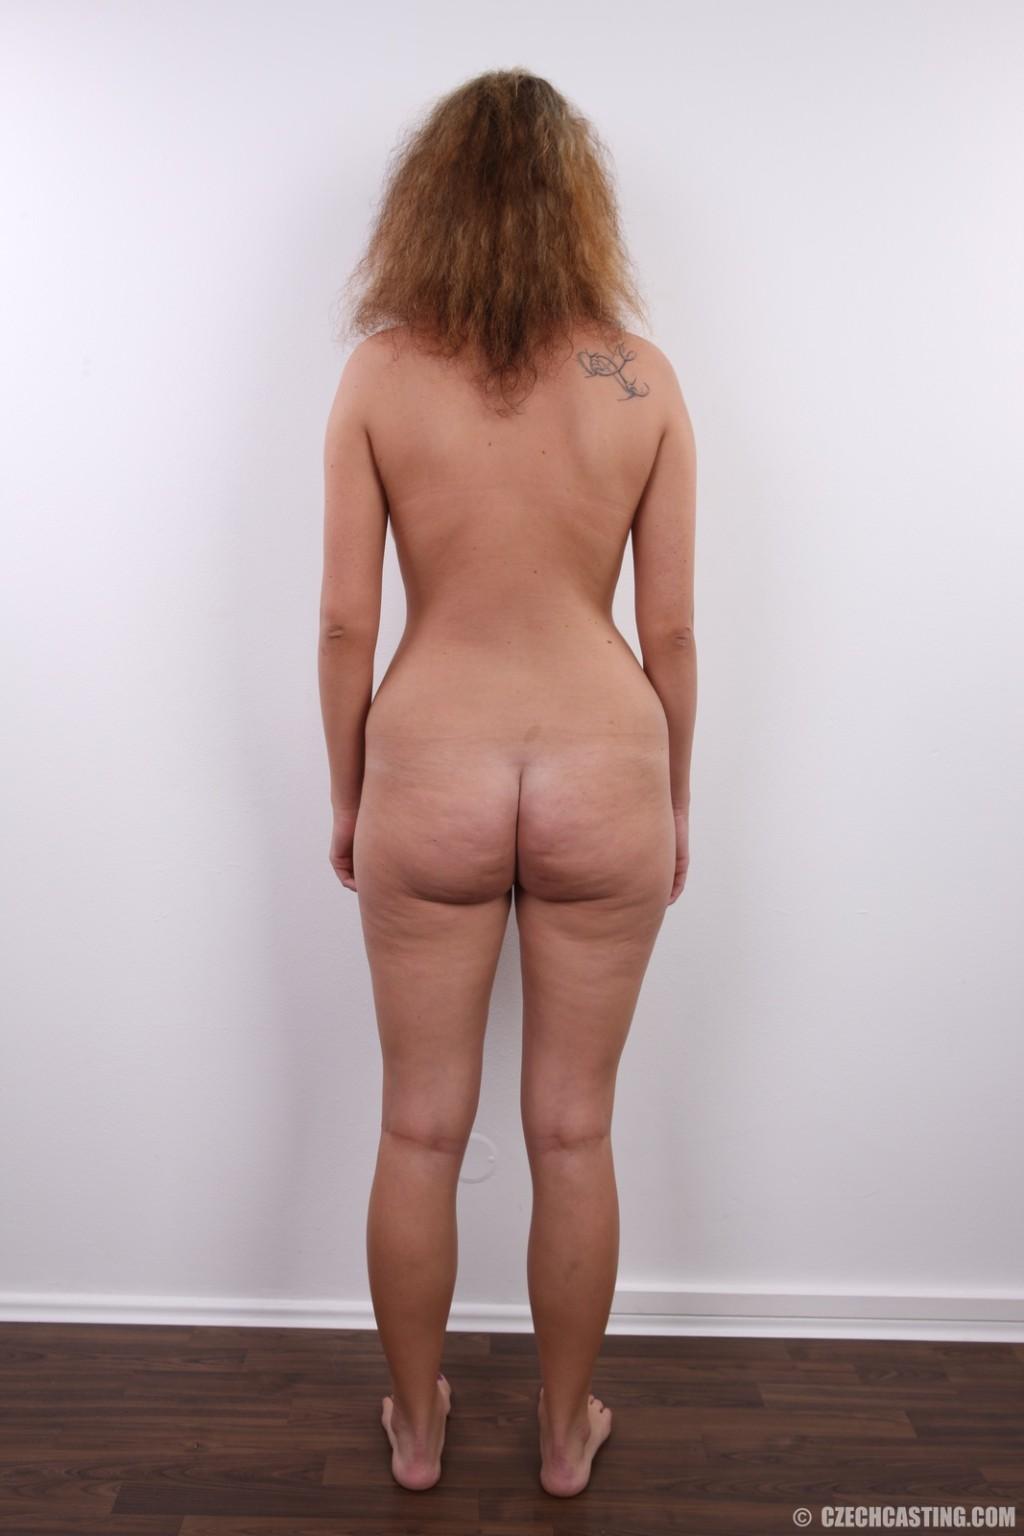 Сероглазая девчонка с гибкой талией позволяет снять на камеру все, даже голенькую киску